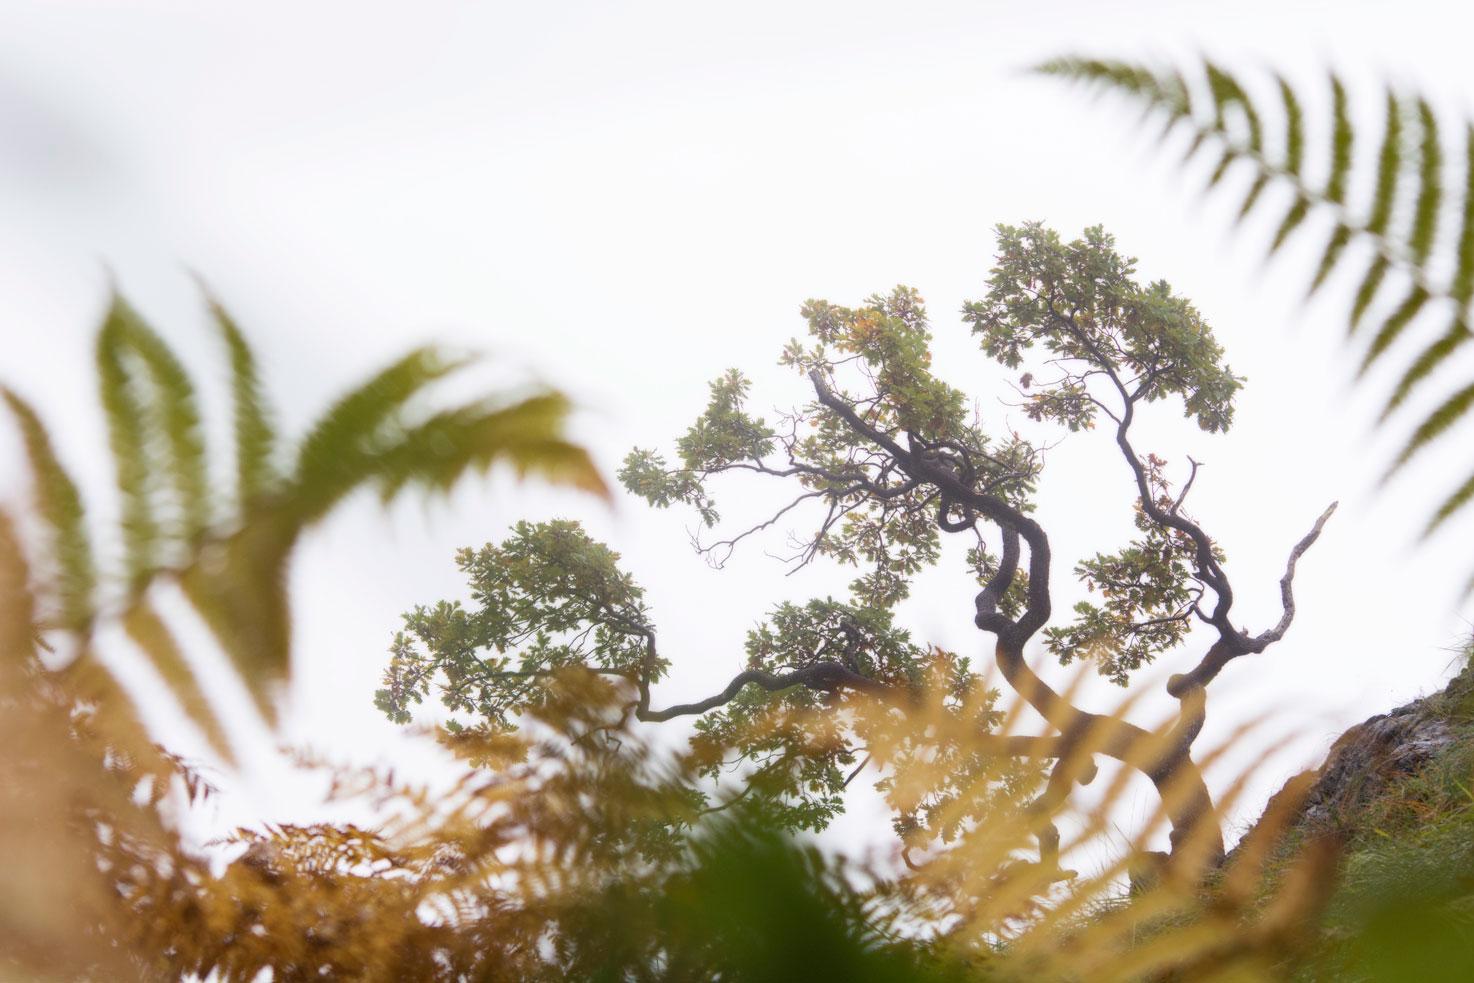 Laberinto vegetal. - Archivo - Iñaki Larrea, Fotografía de naturaleza y montaña